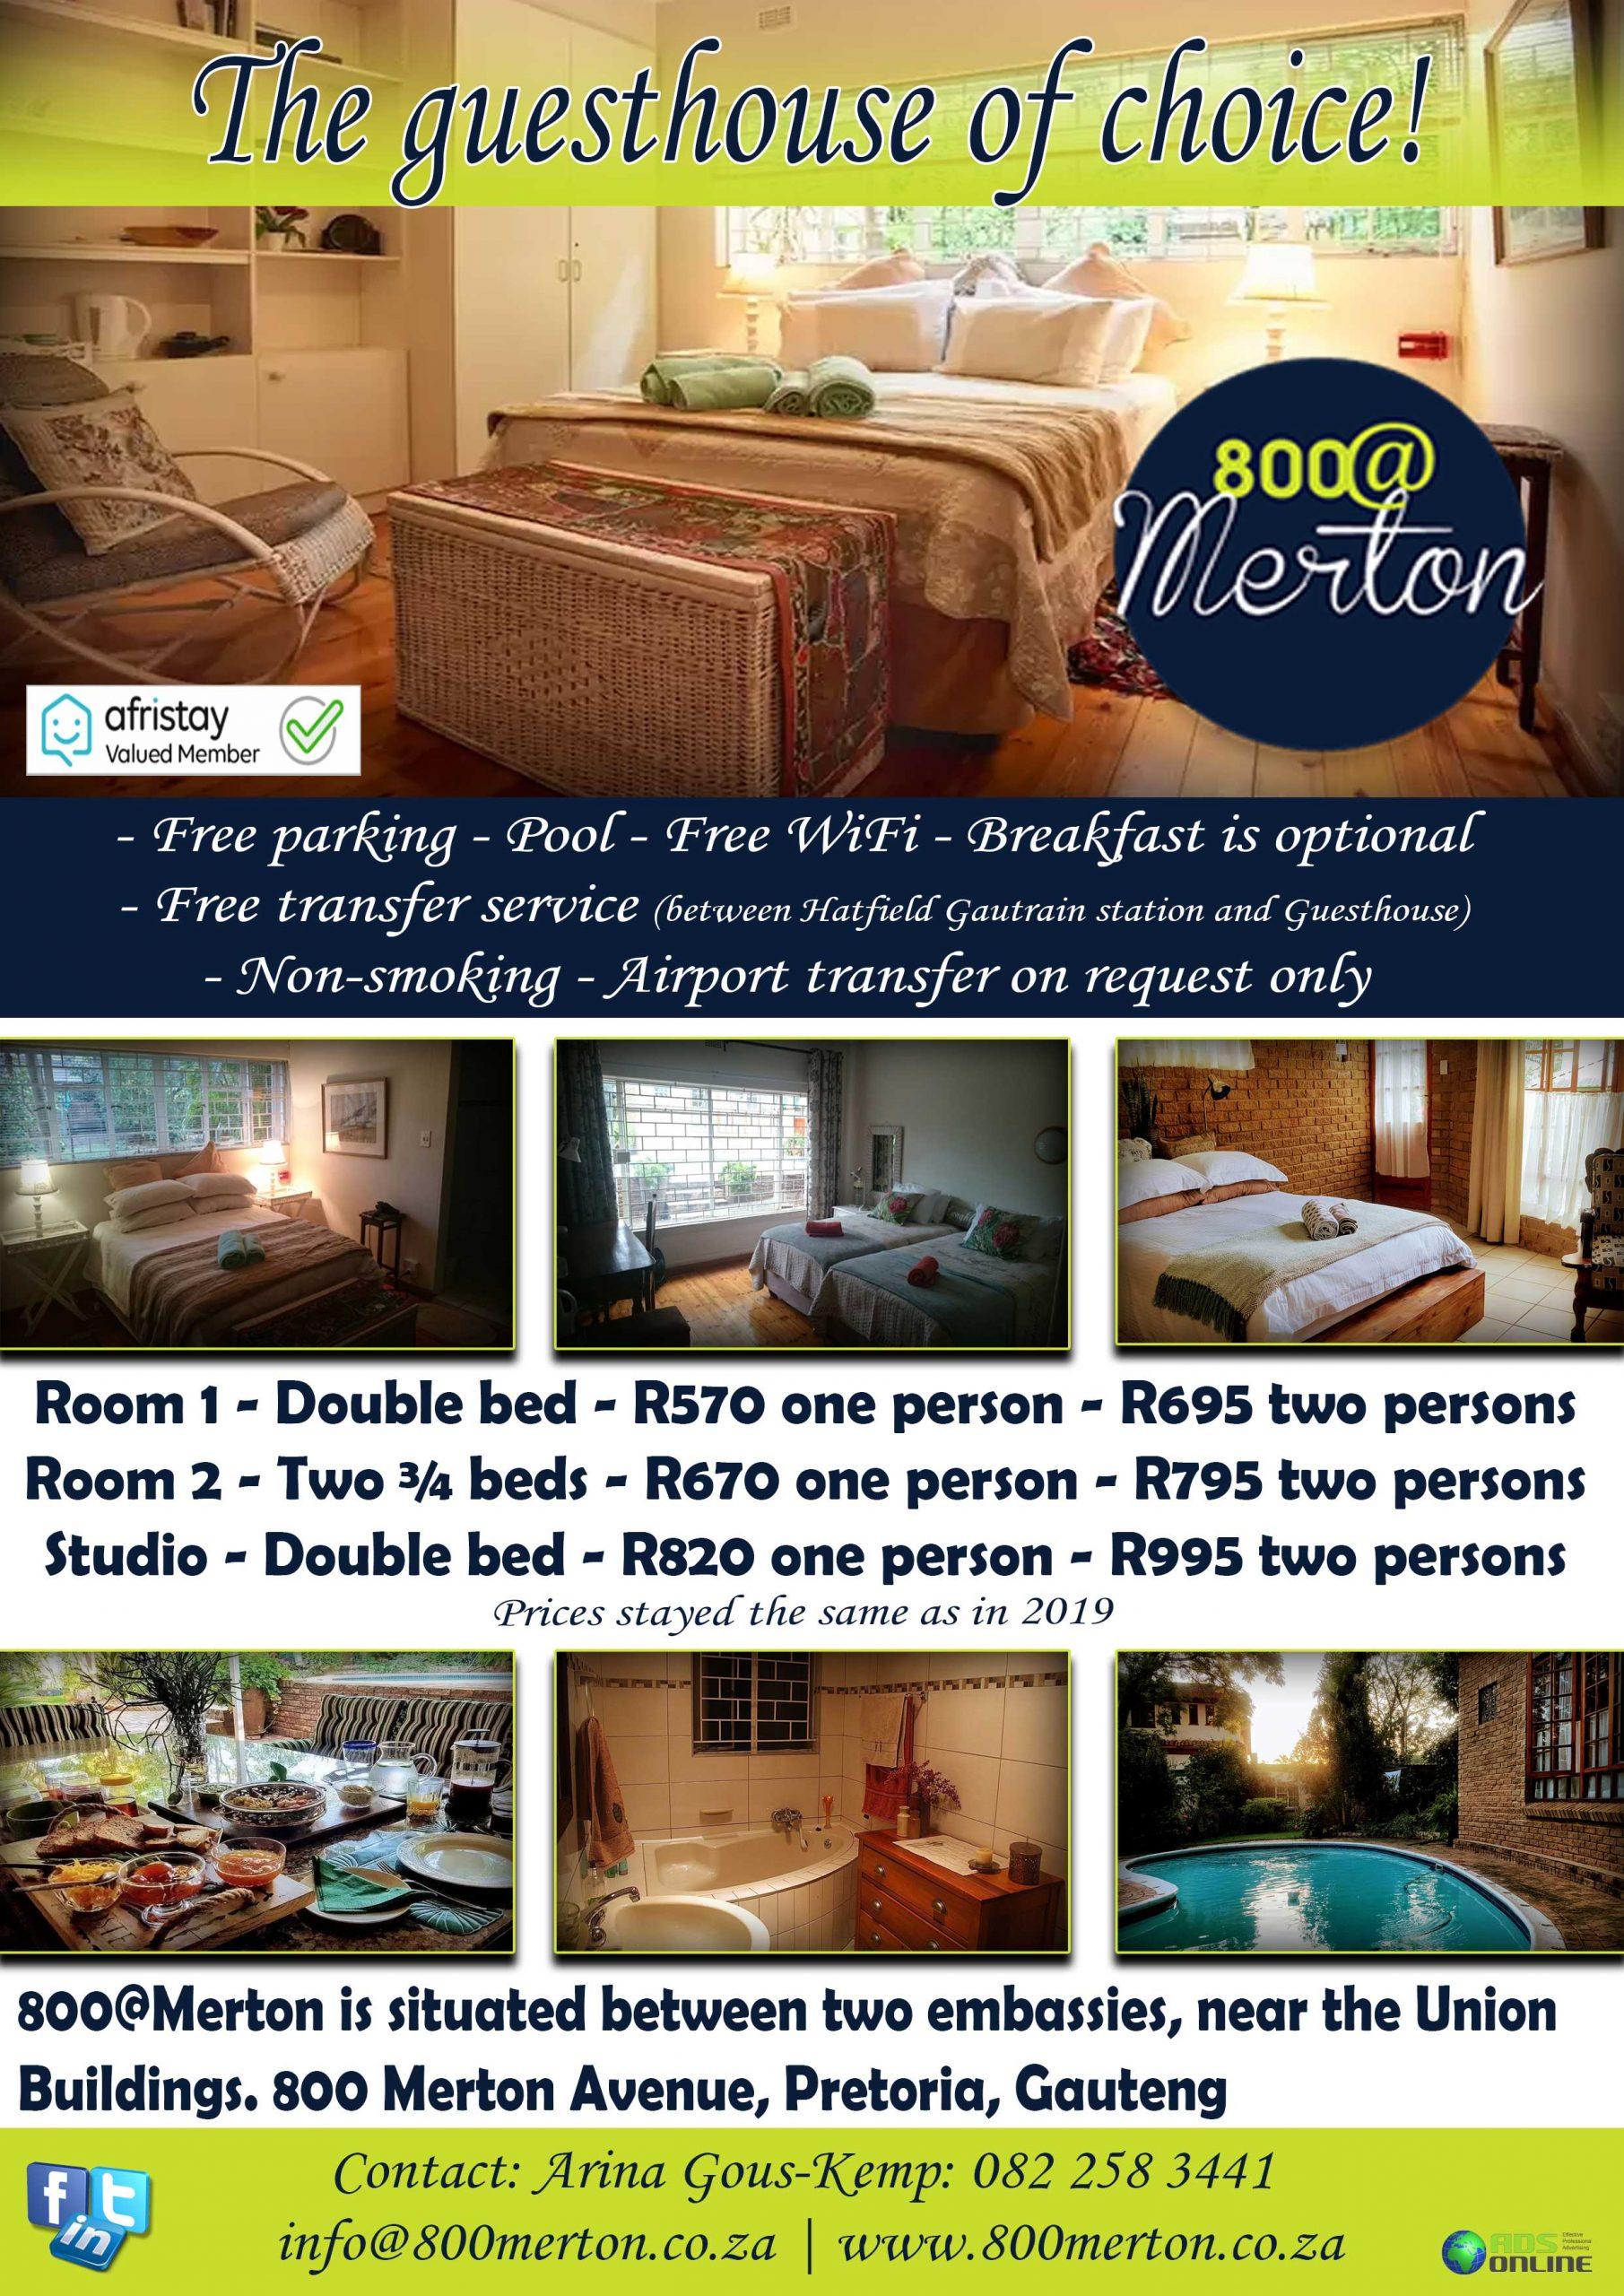 800@ Merton Guest House   Pretoria, Gauteng